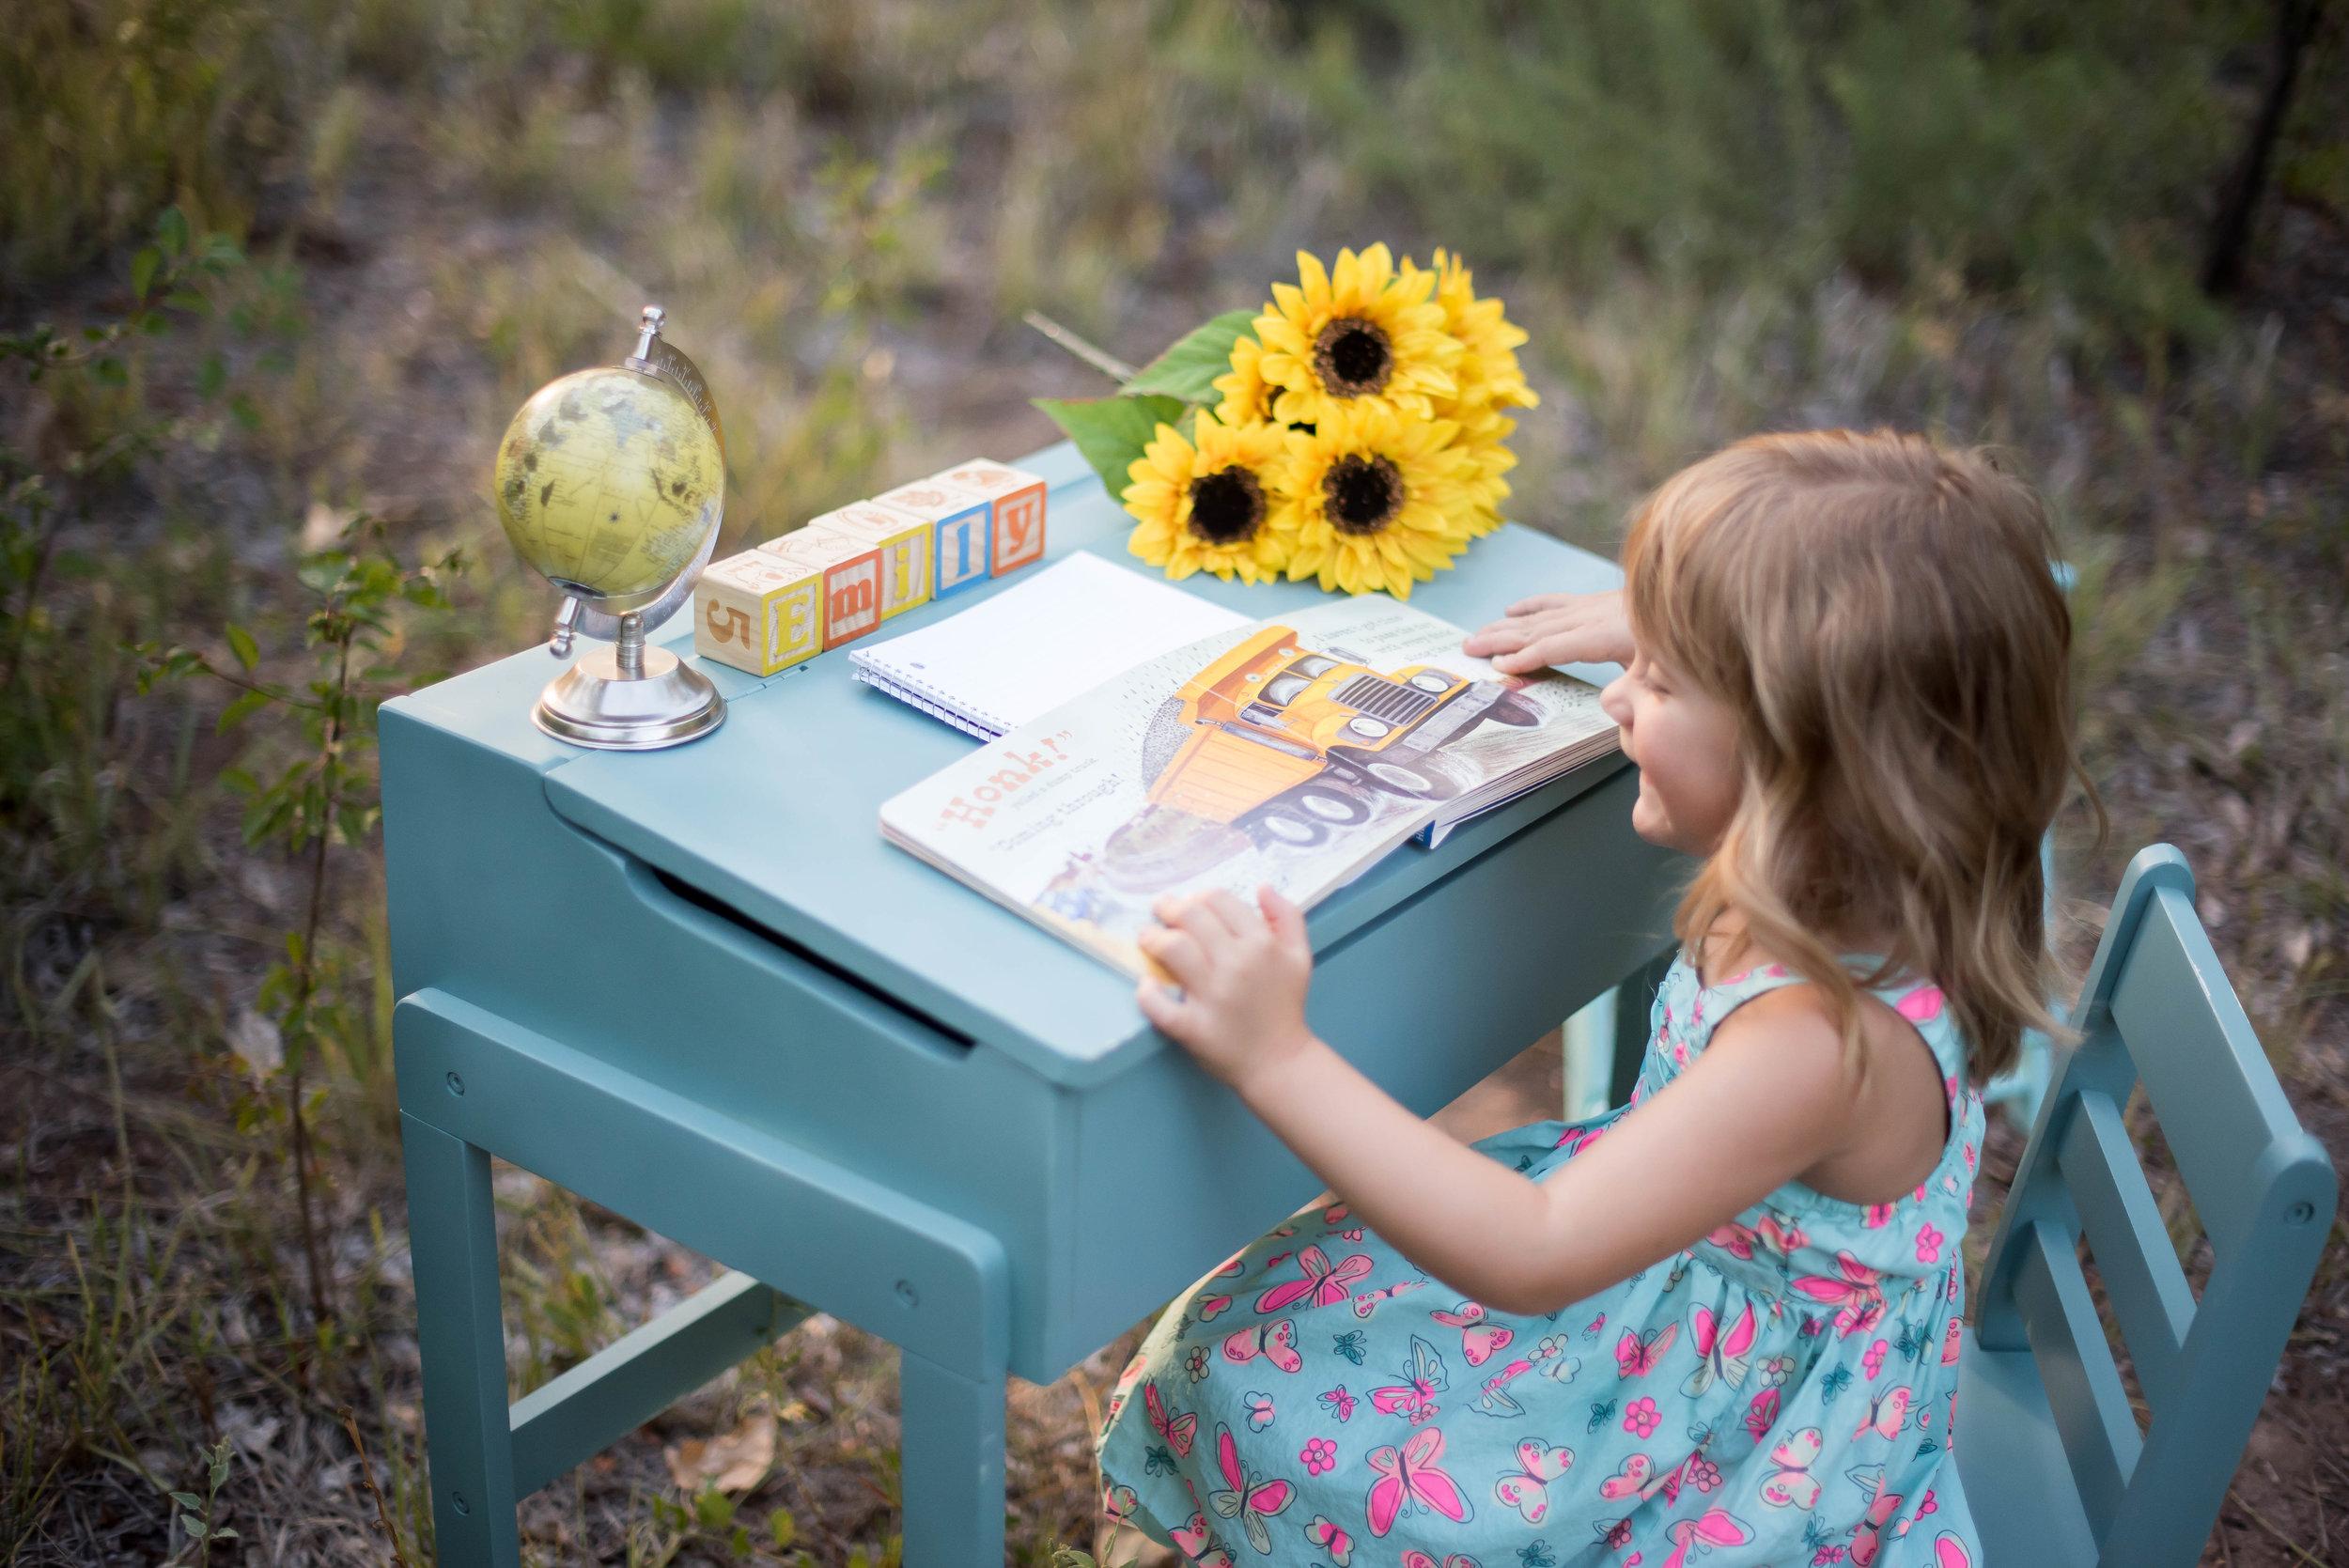 children photographer albuquerque